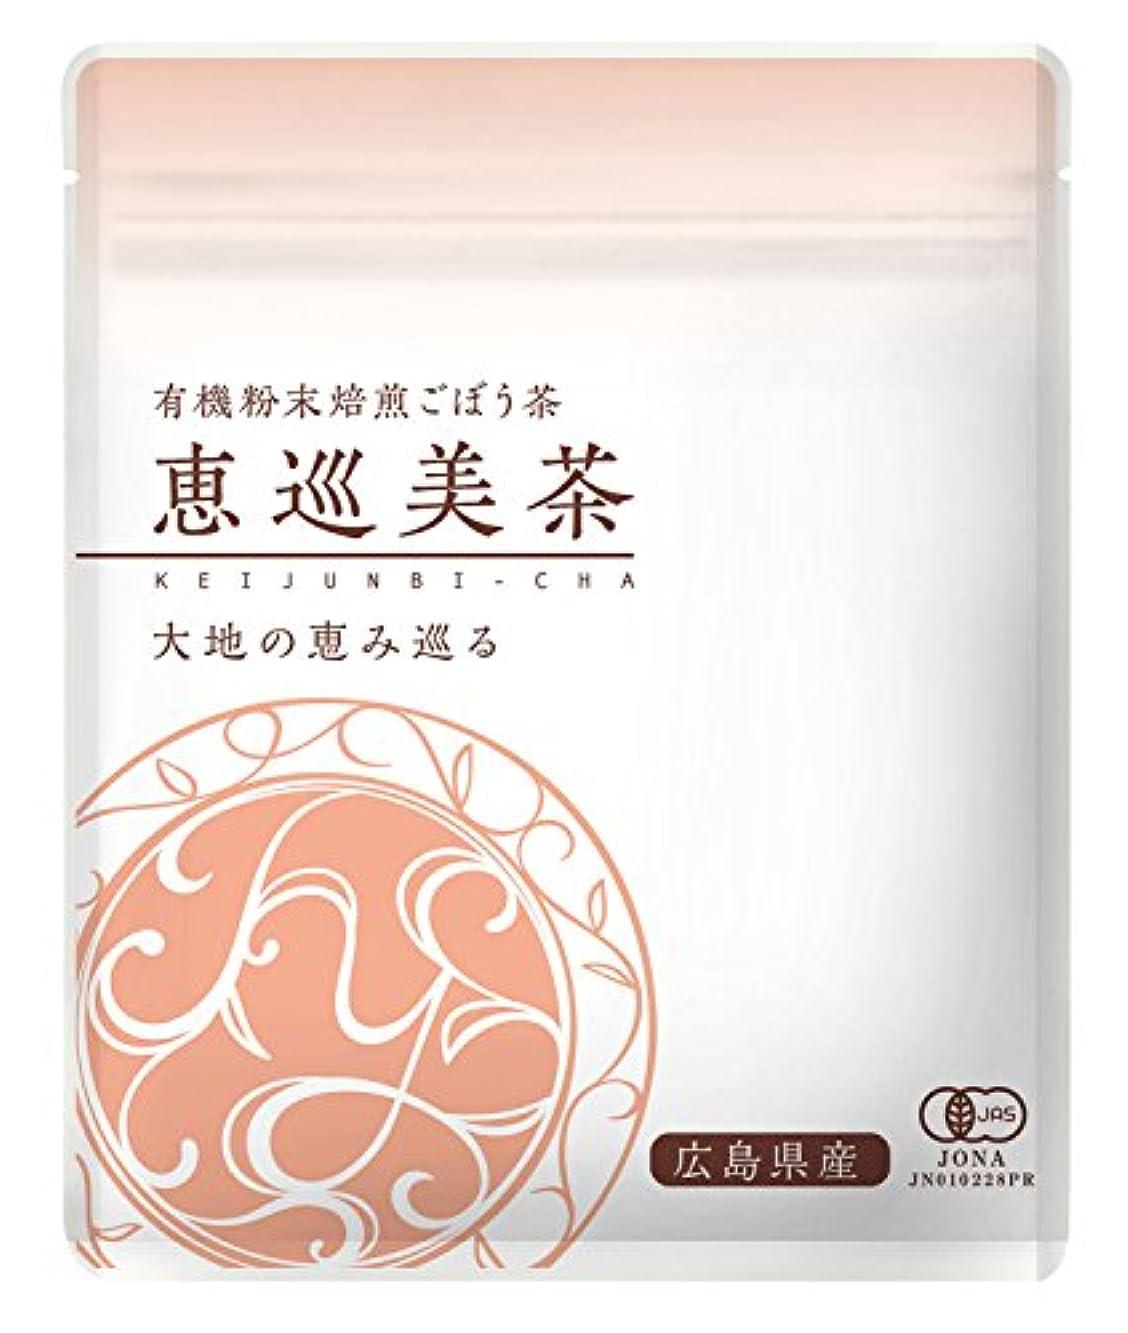 ごみに同意する月曜こだま食品 恵巡美茶有機粉末焙煎ごぼう茶 2g×15包 302037009